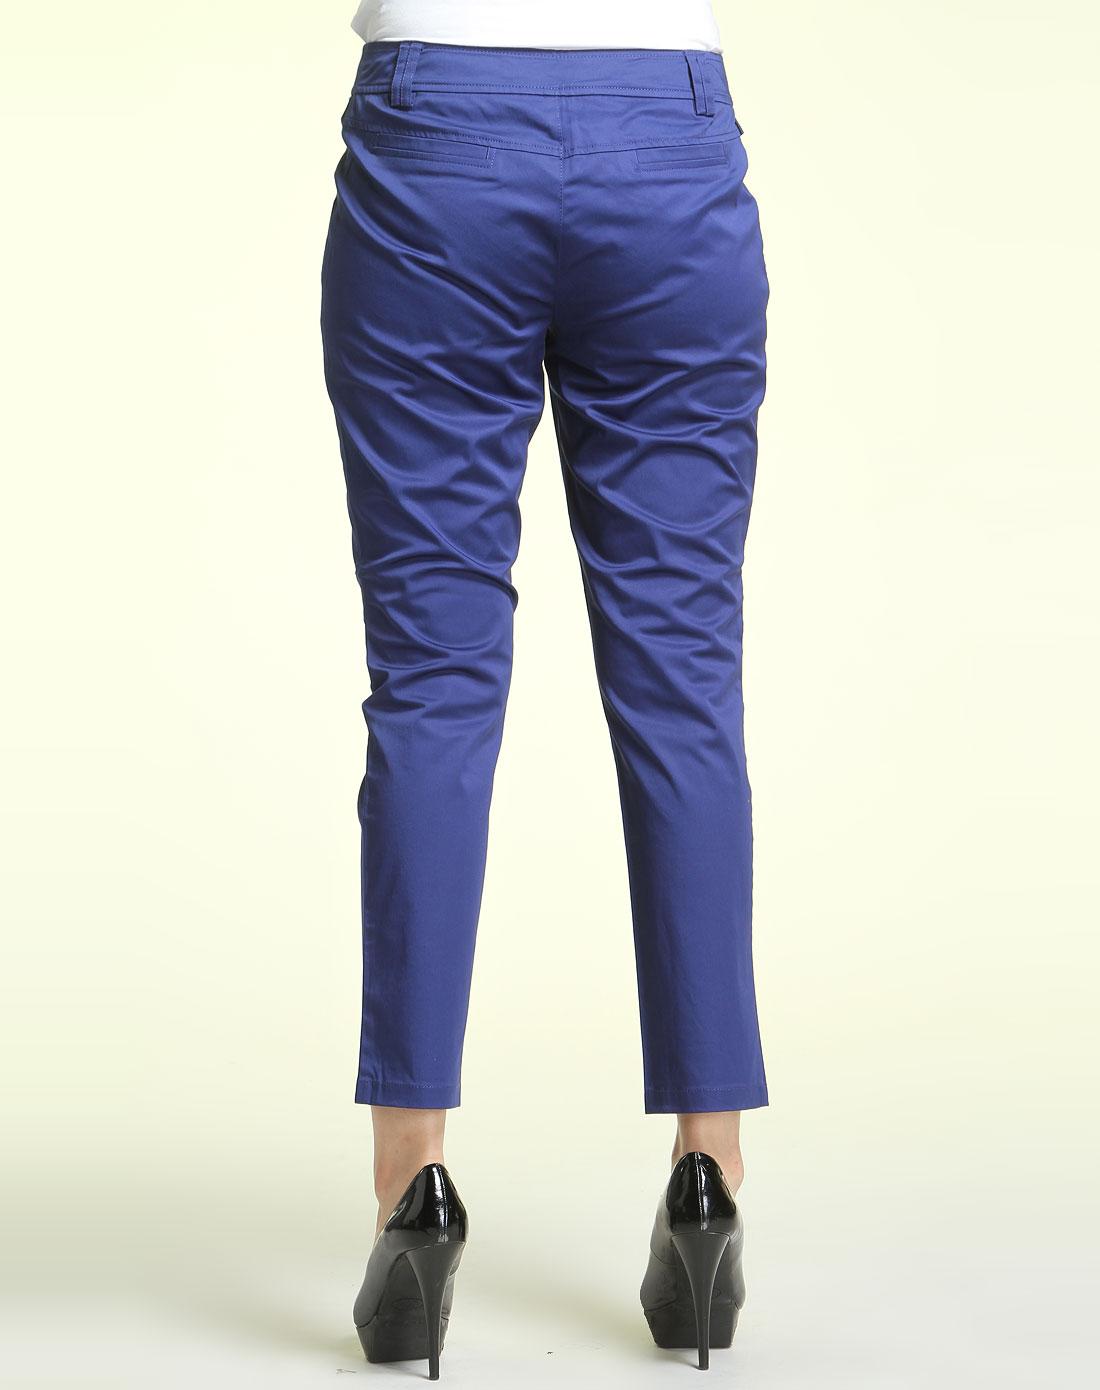 深蓝色简约休闲长裤